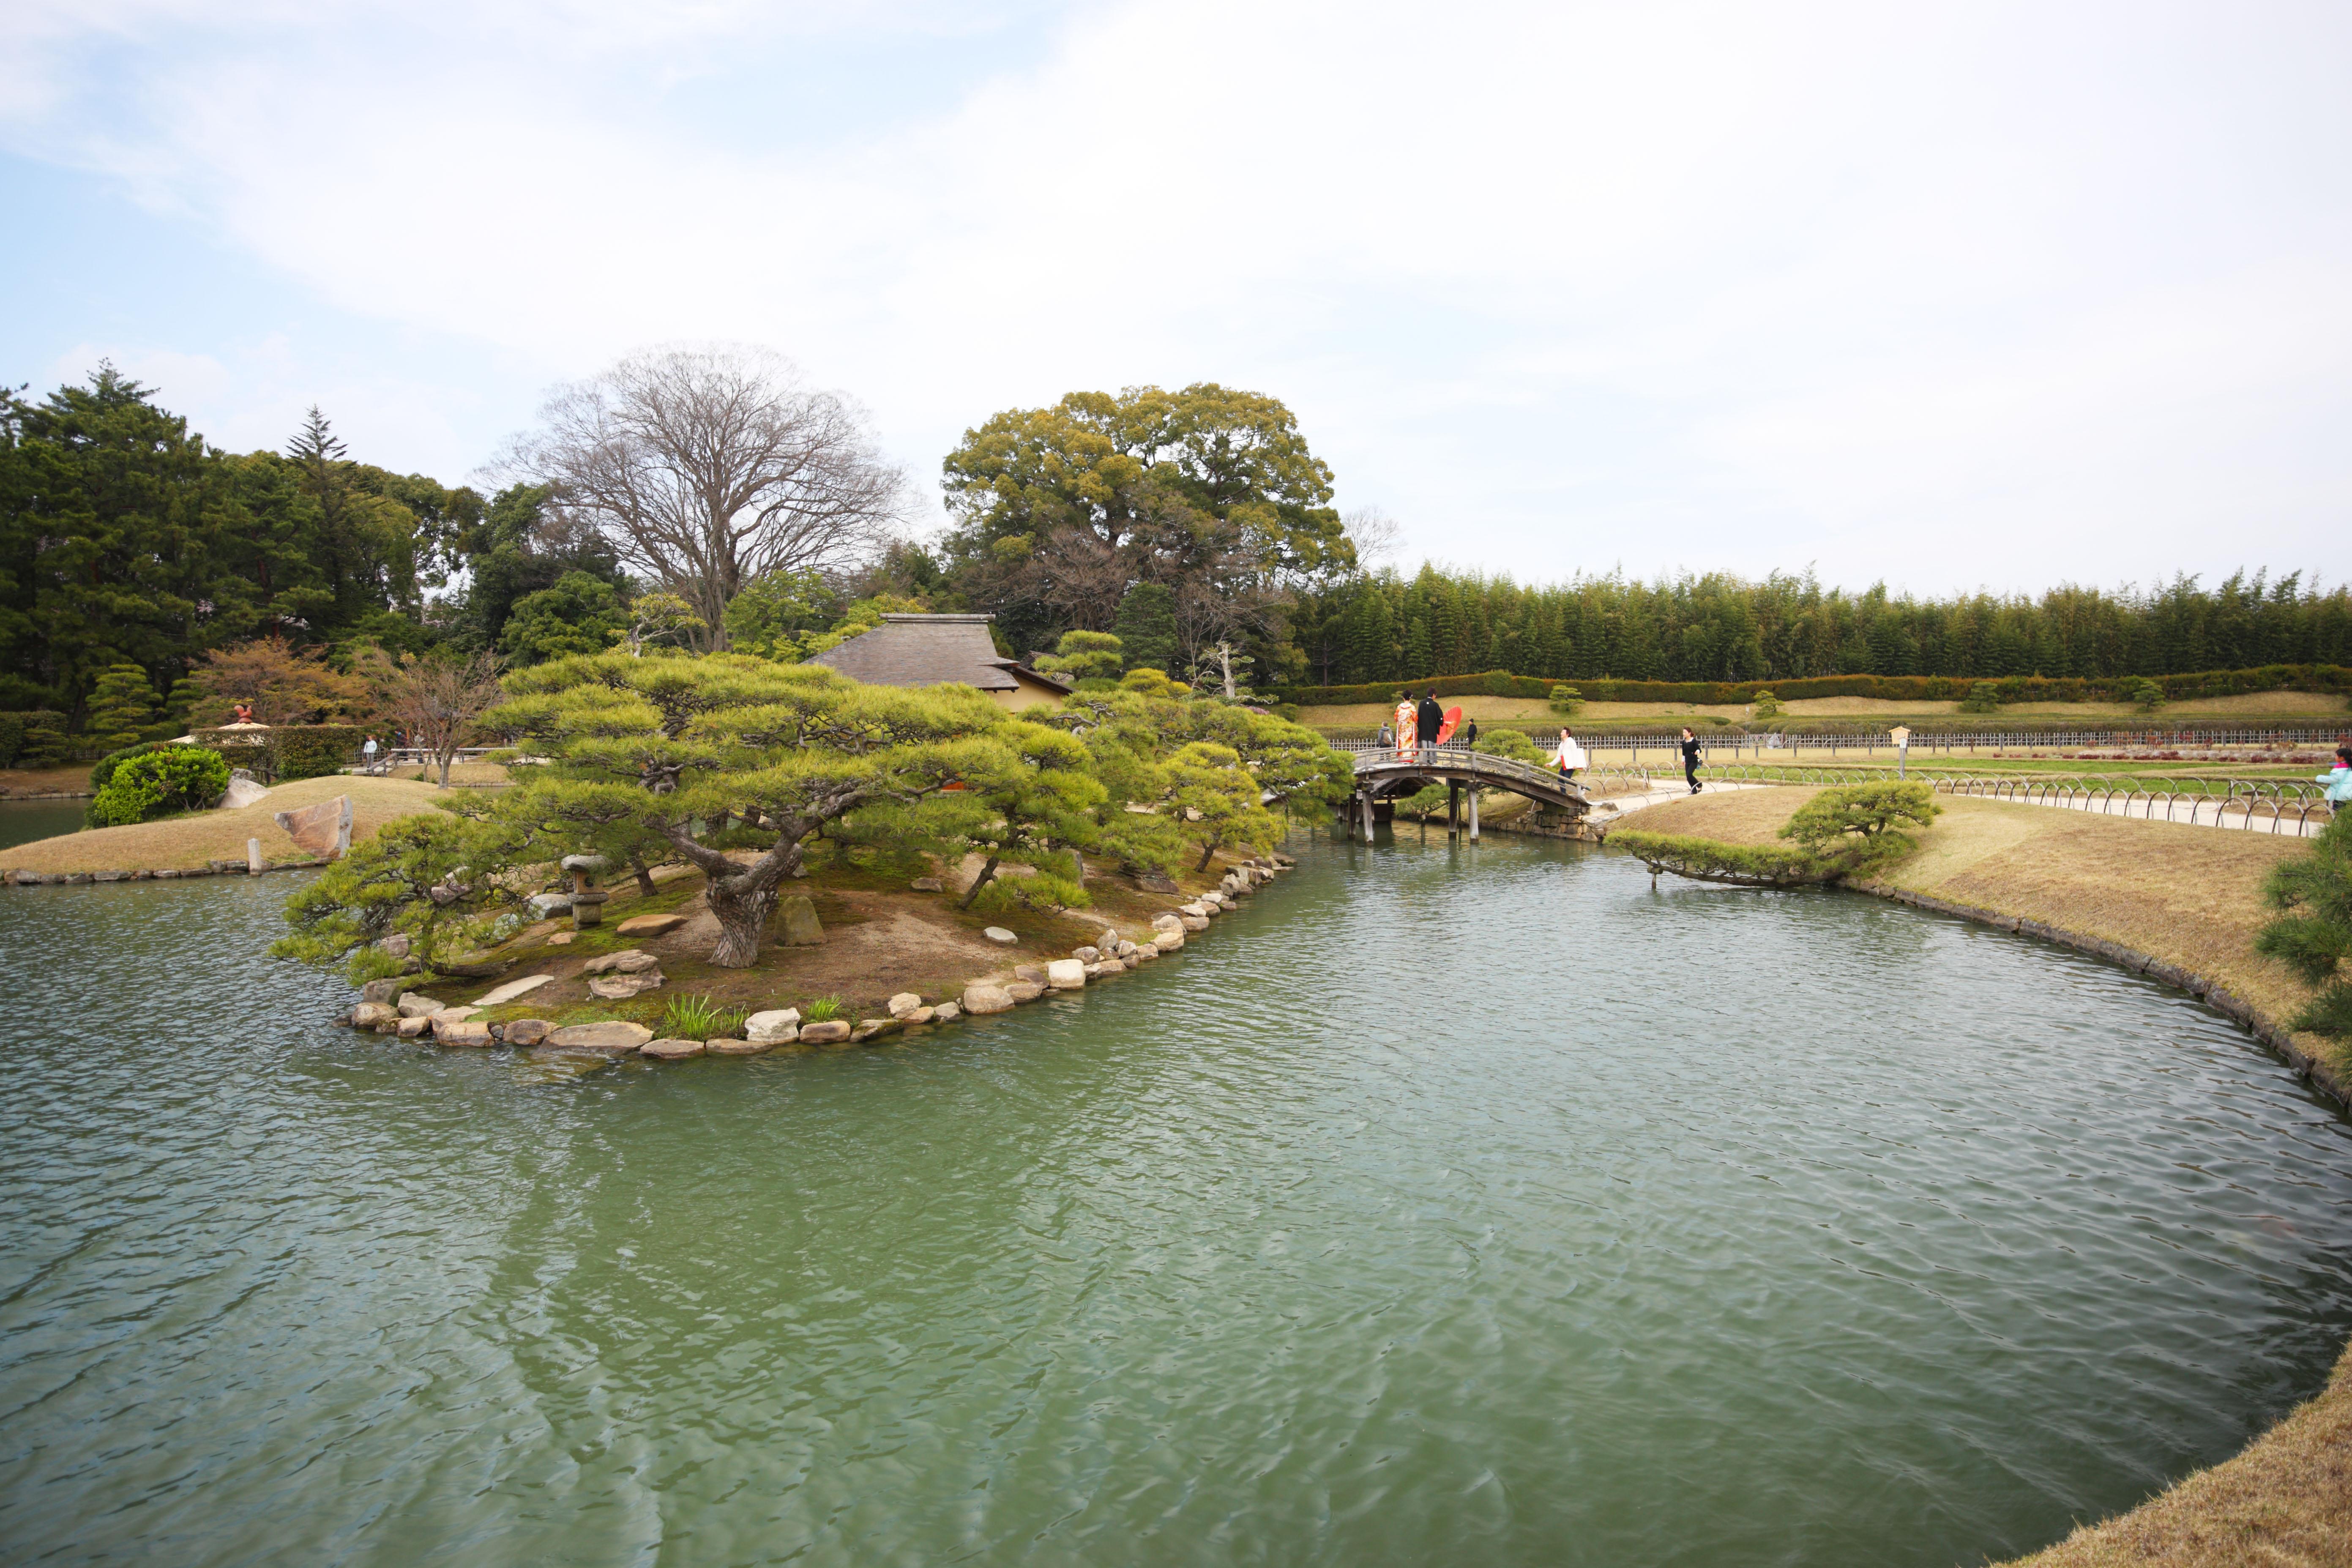 ゆんフリー写真素材集 : No. 9695 後楽園 沢の池 [日本 / 岡山]